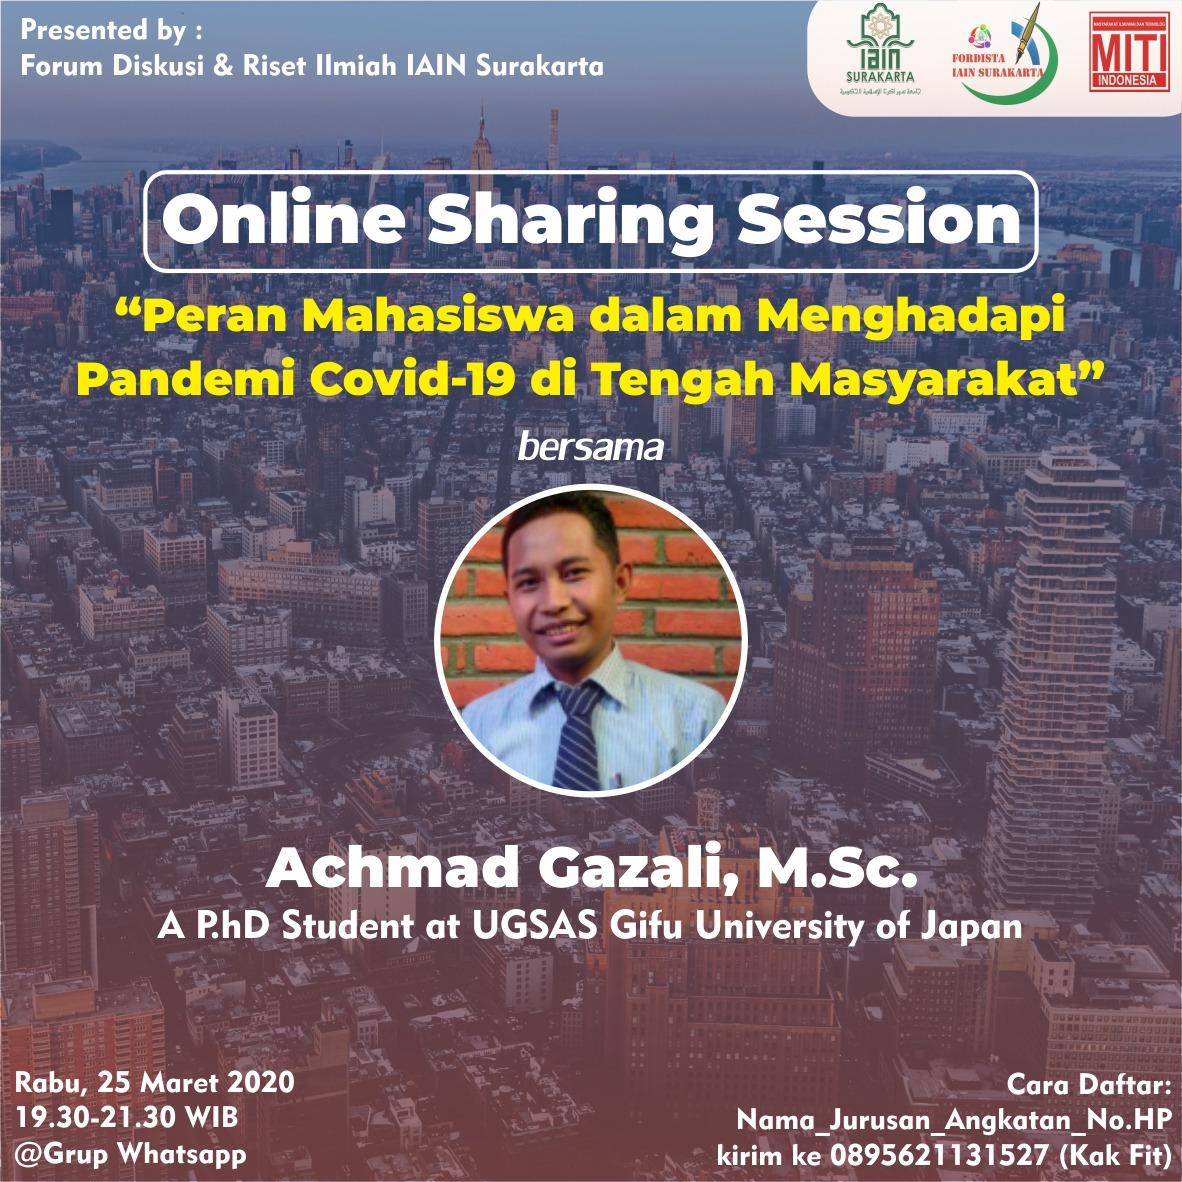 You are currently viewing Peran Mahasiswa dalam Menghadapi Pandemi Covid-19 di Tengah Masyarakat